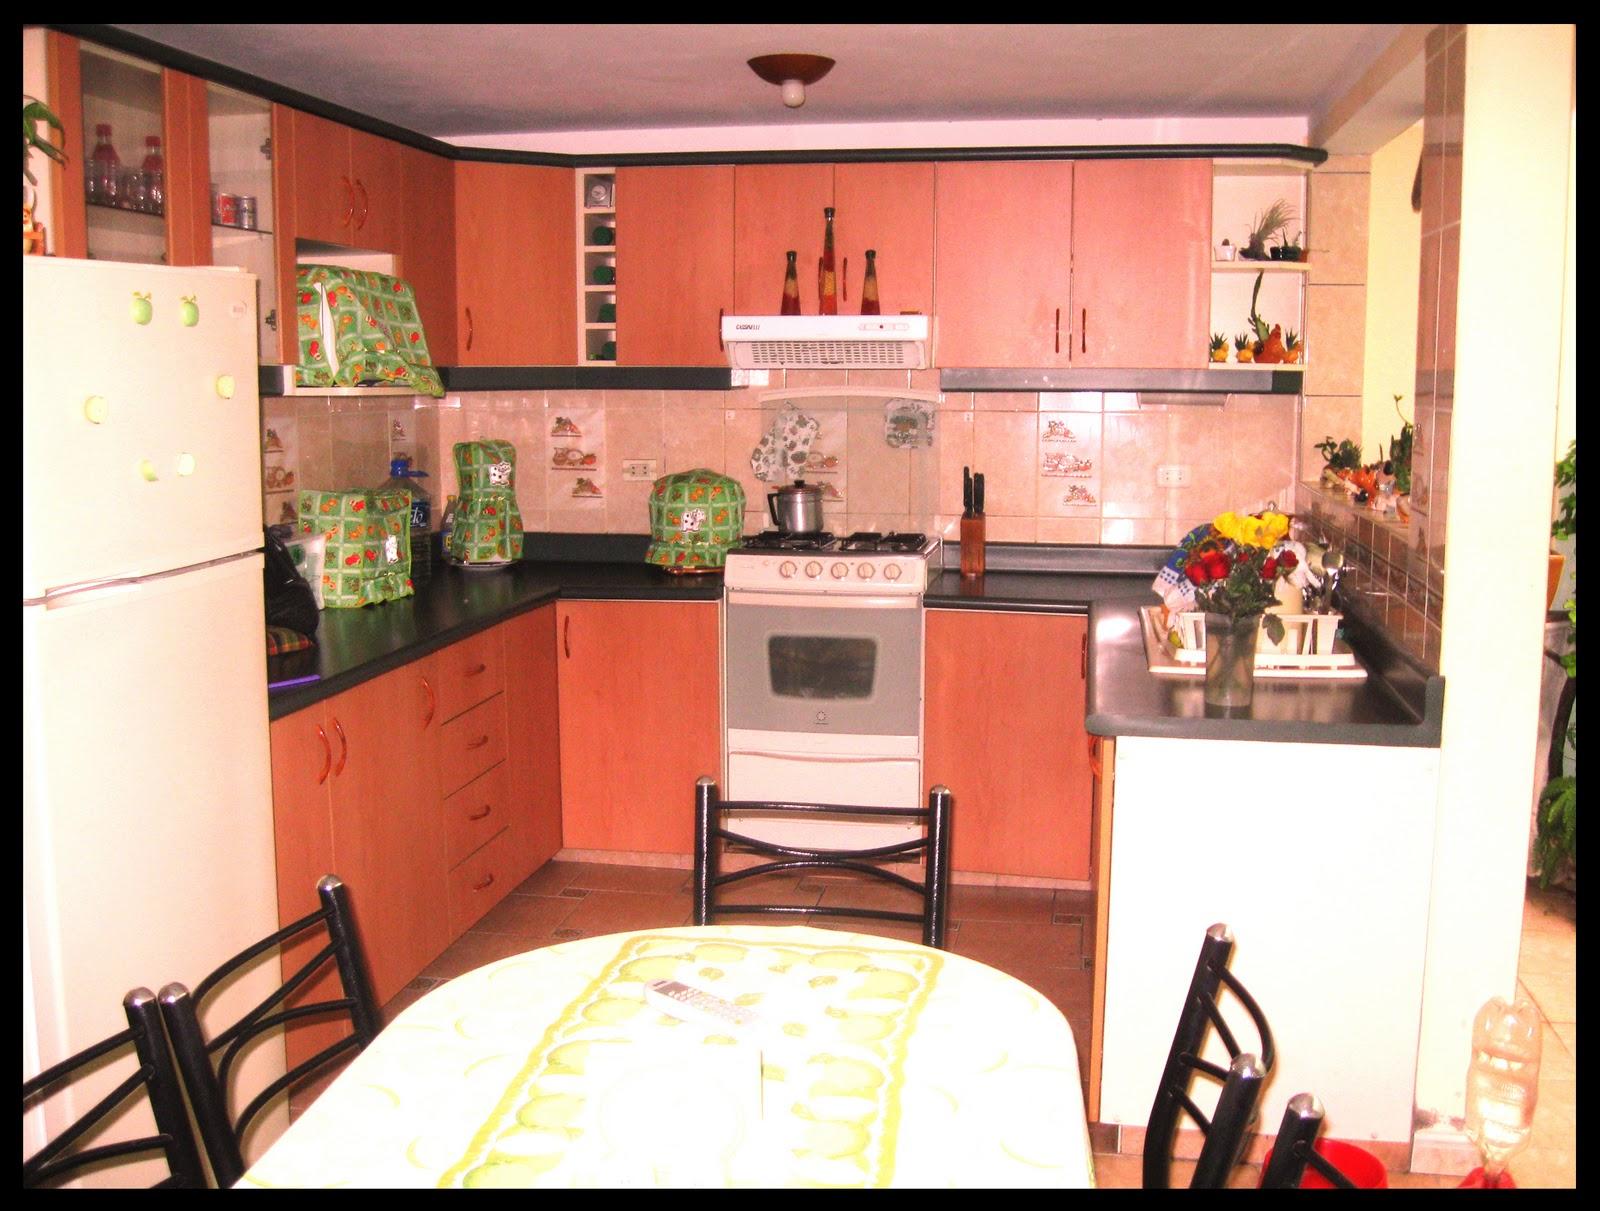 Muebles jose luis chingay mueble de cocina modelo l for Muebles de cocina en l